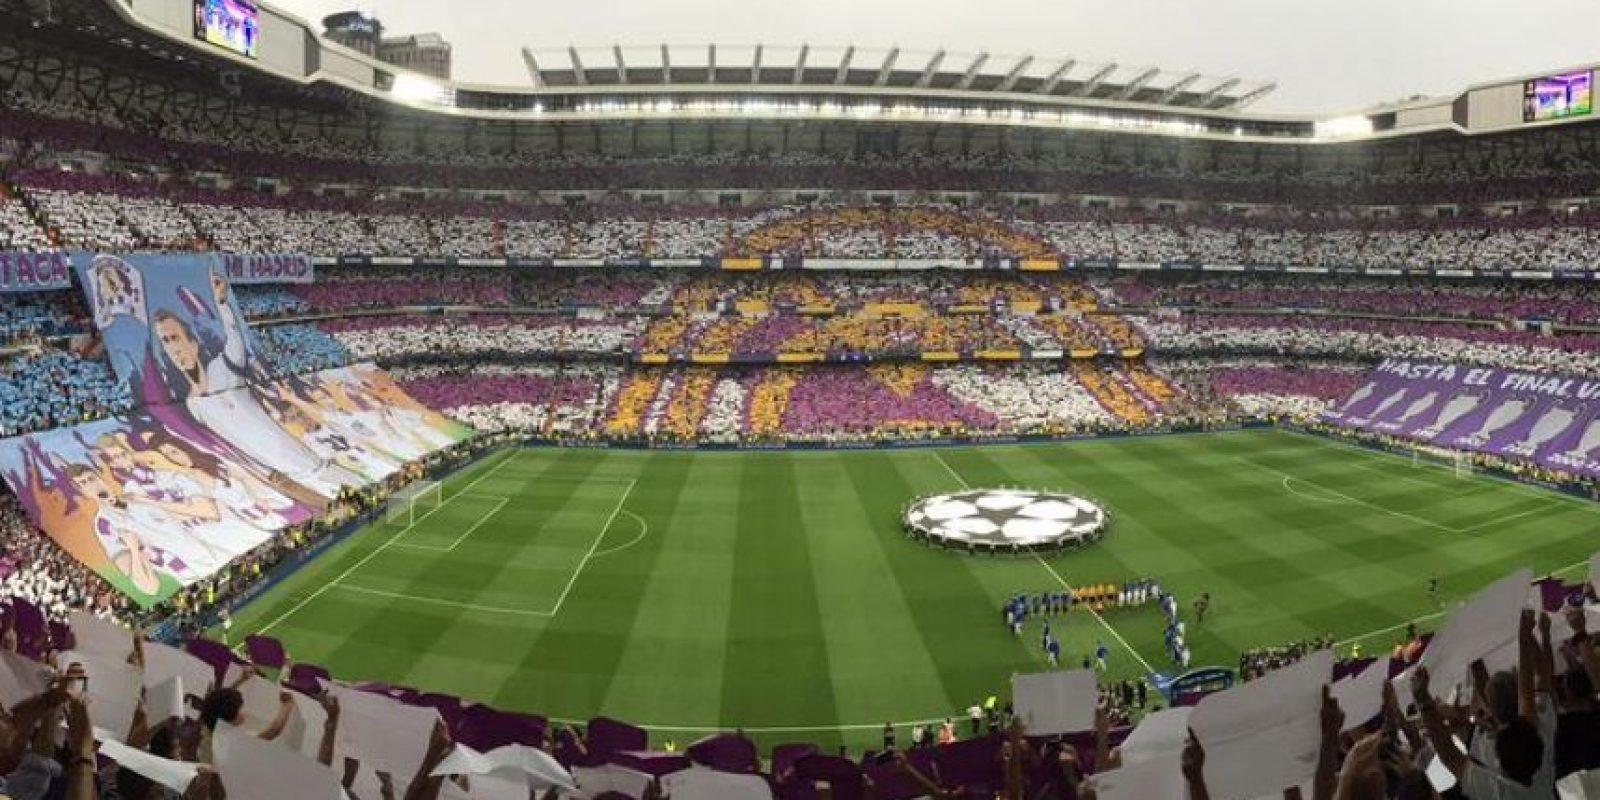 Con este mosaico, el Santiago Bernabéu recibió a ambas plantillas. Foto: Foto: Vía twitter.com/juventusfc